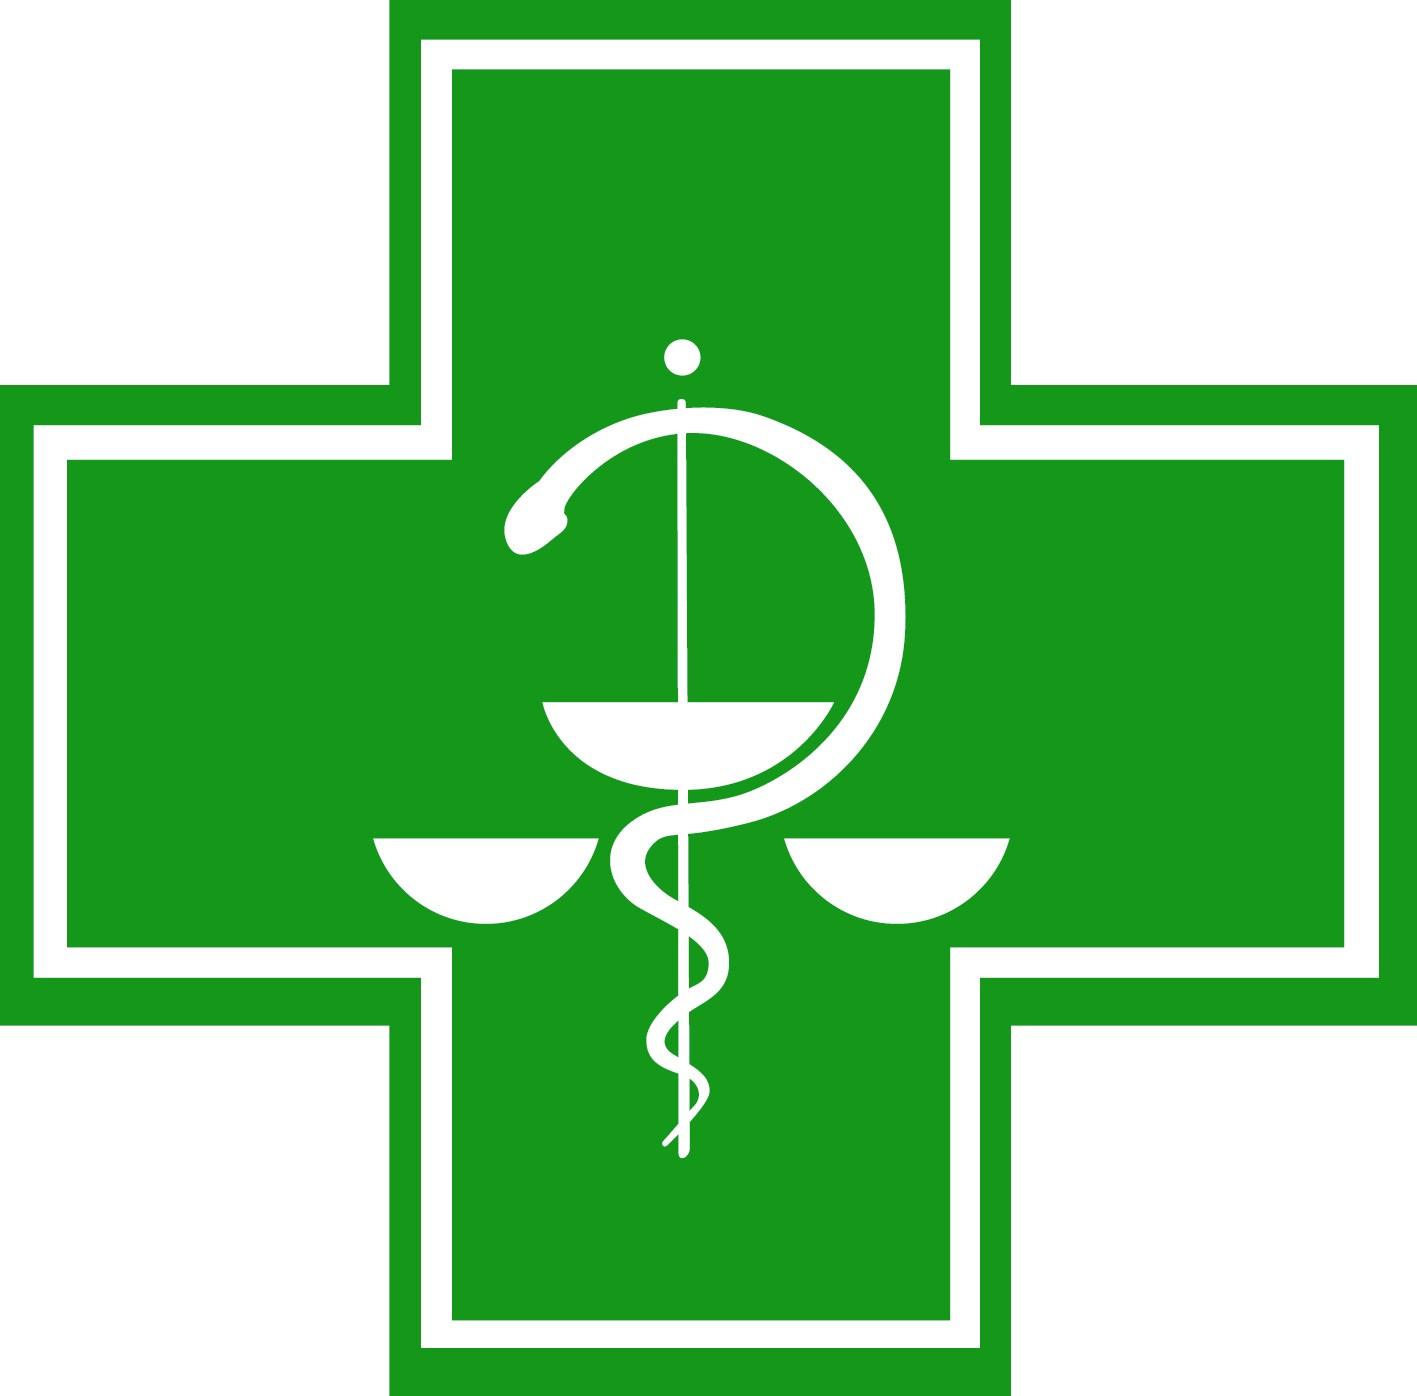 lekáreň-znak